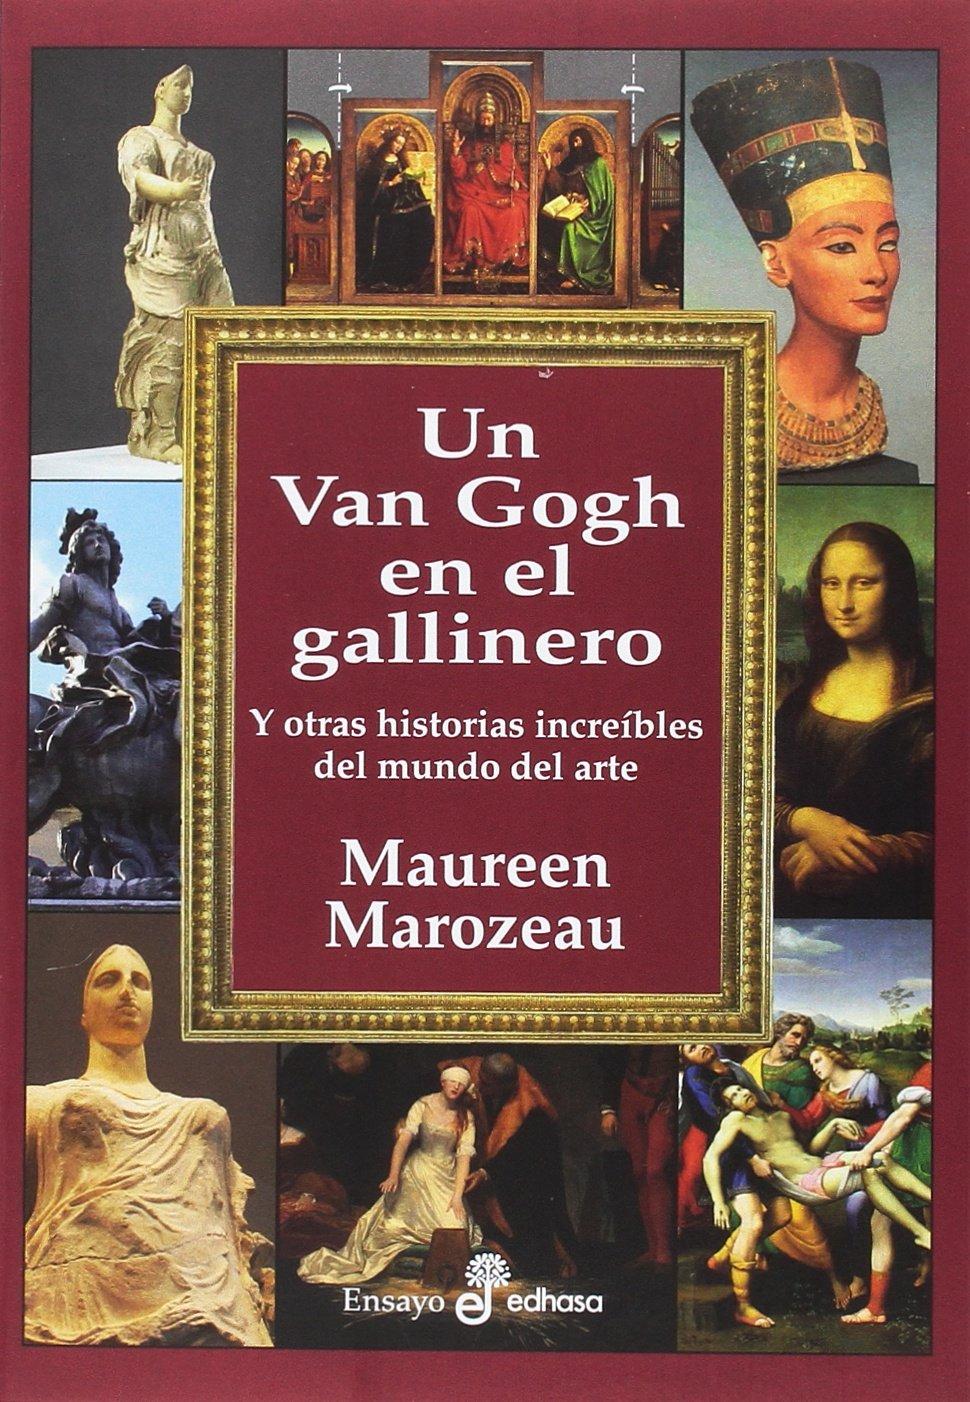 van-gogh-gallinero.jpg